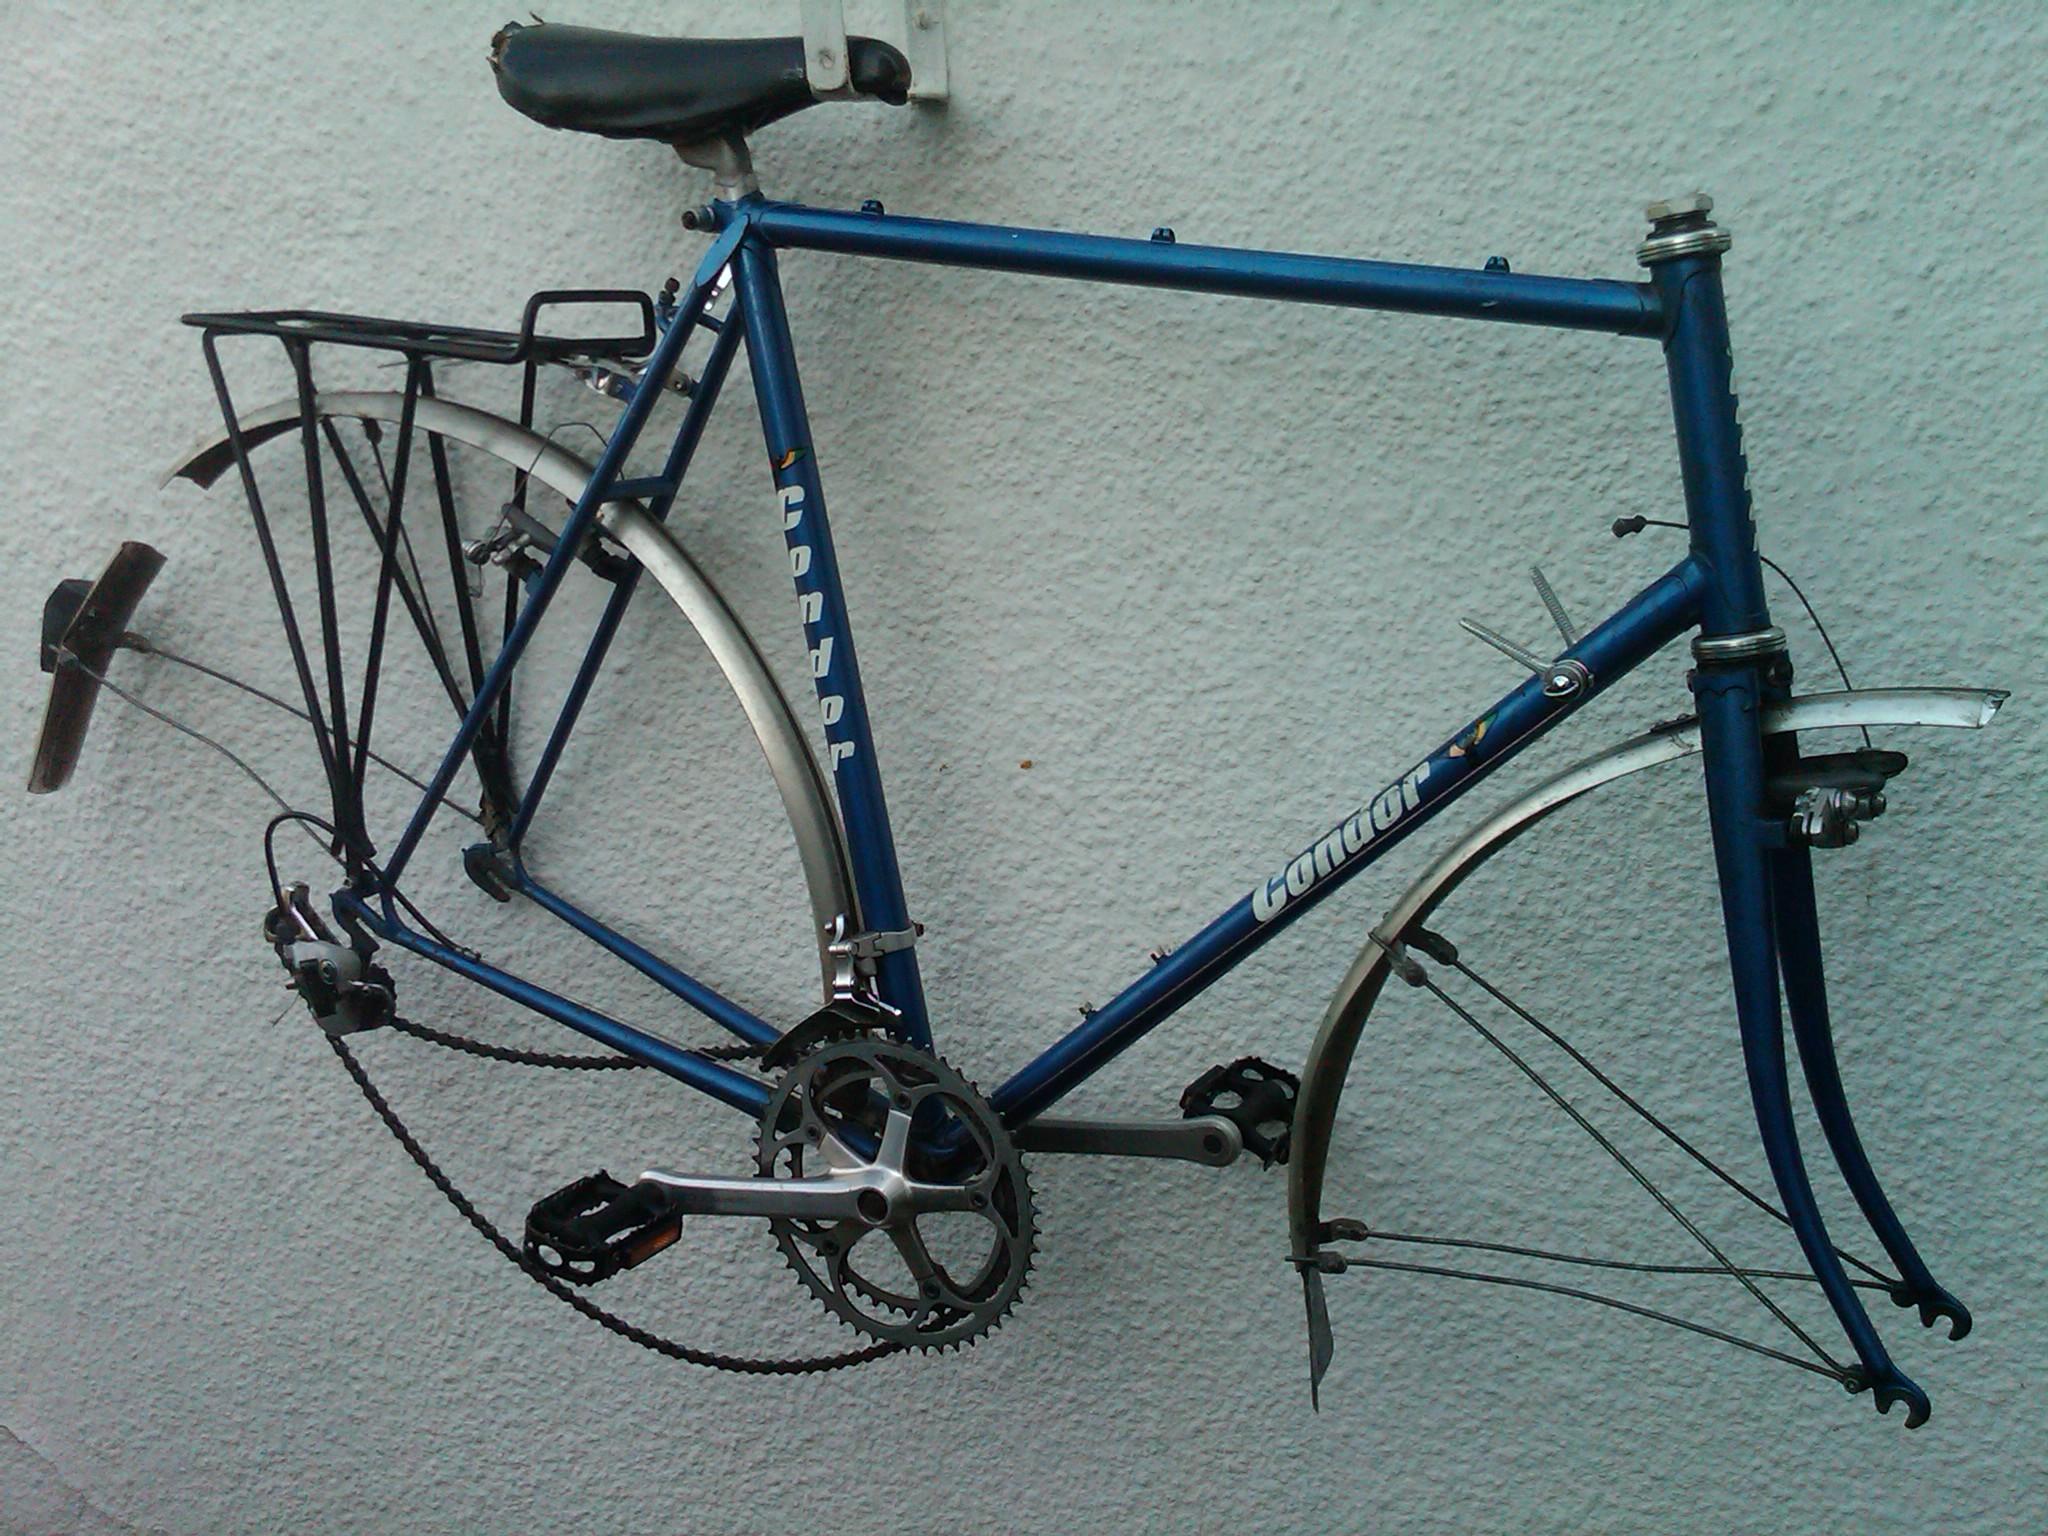 Condor Cyclostyle